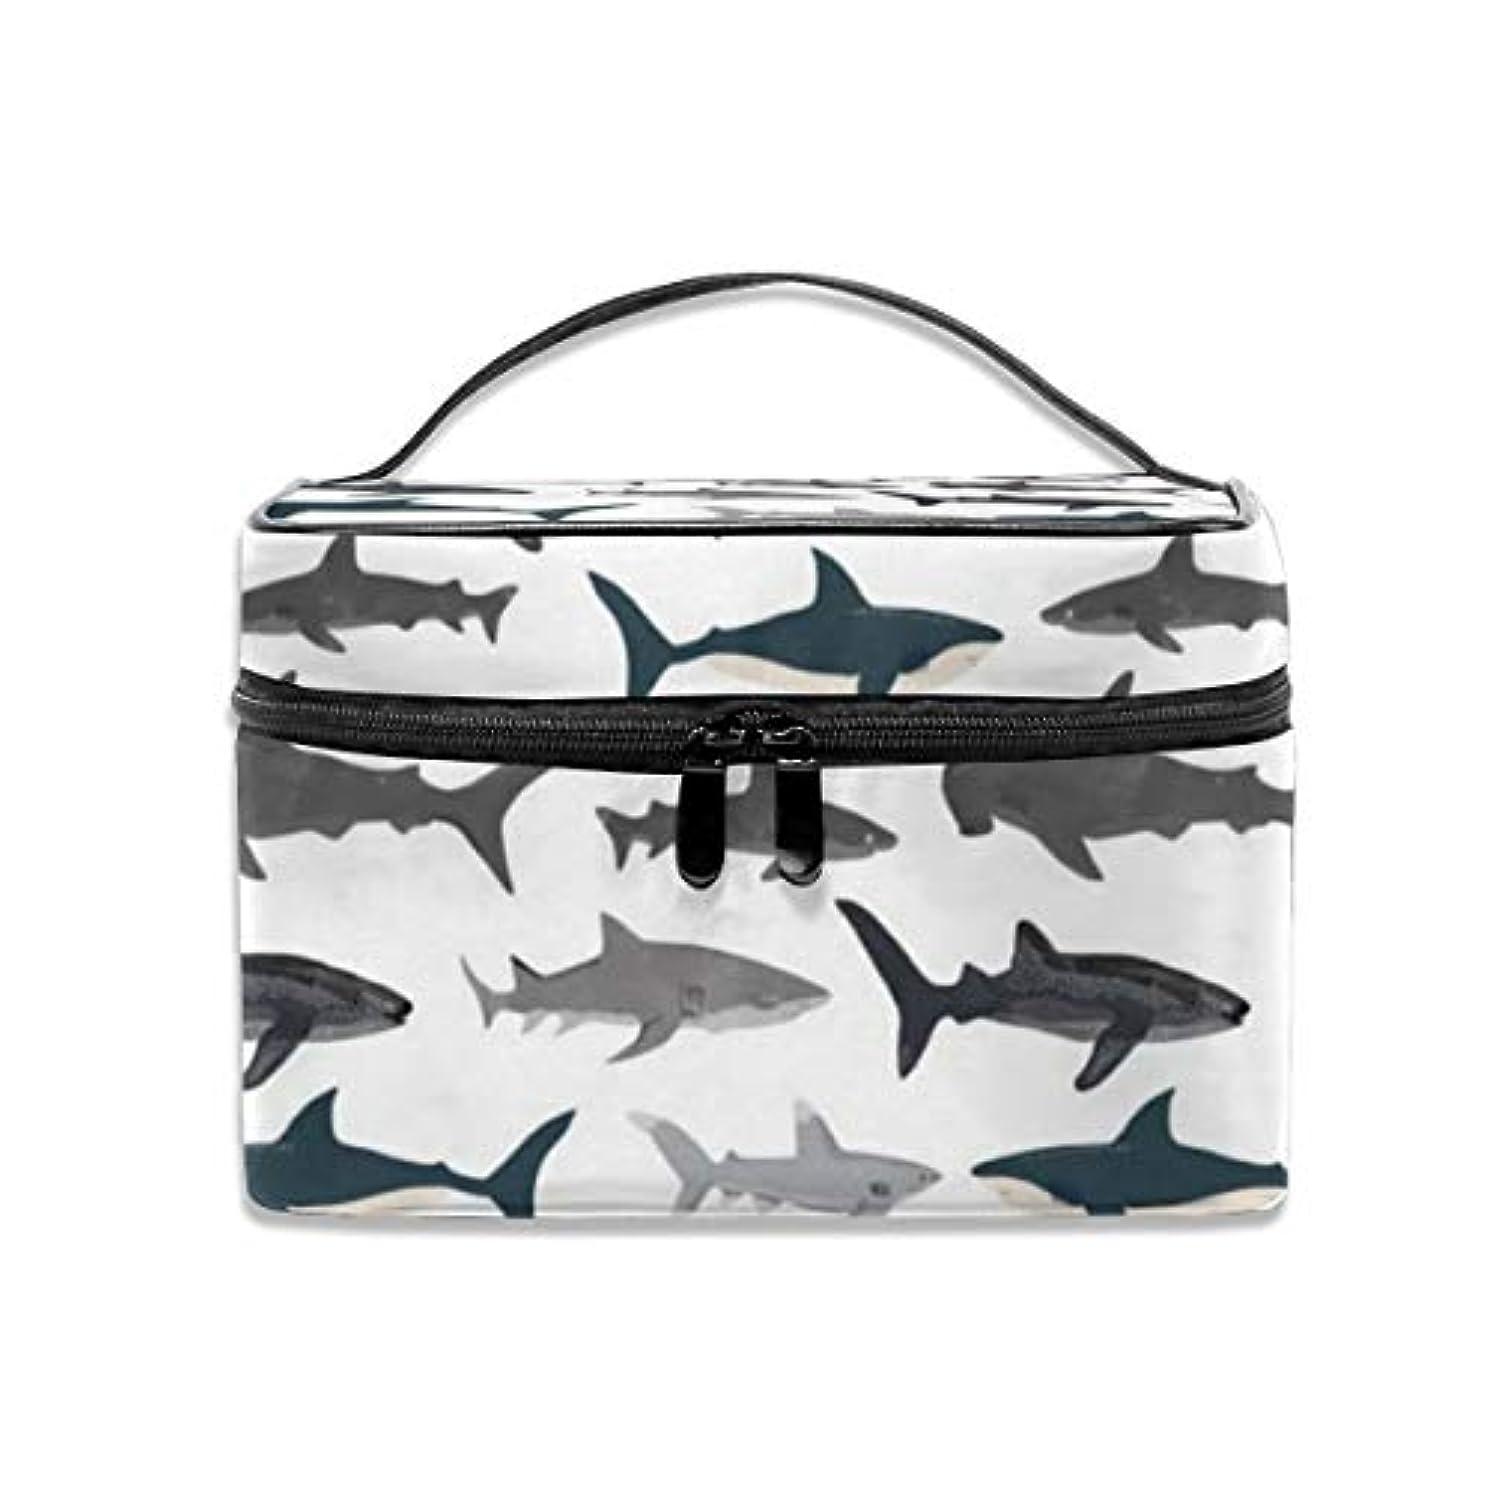 マイクロフォン逆さまに八百屋さんサメ柄 化粧ポーチ 化粧品バッグ 化粧品収納バッグ 収納バッグ 防水ウォッシュバッグ ポータブル 持ち運び便利 大容量 軽量 ユニセックス 旅行する